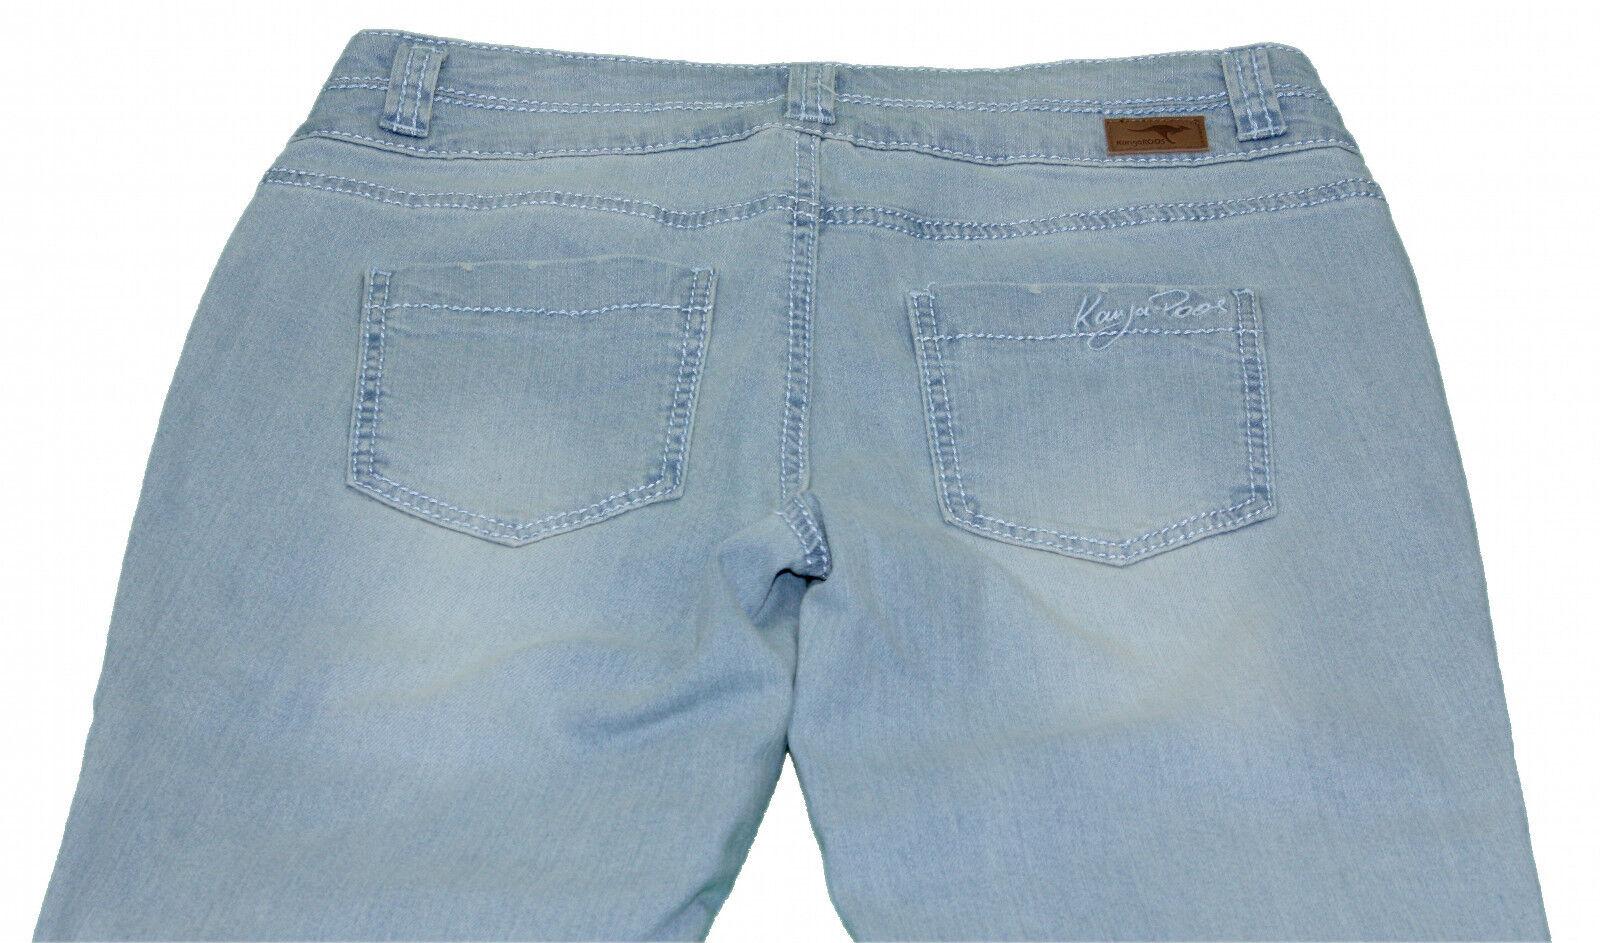 KangaROOS Damen Jeans, Stiefelcut, 5 5 5 Taschen, Größe 40, 42, NEU | Spielen Sie das Beste  | New Listing  | Exquisite Verarbeitung  | Creative  | Realistisch  15625d